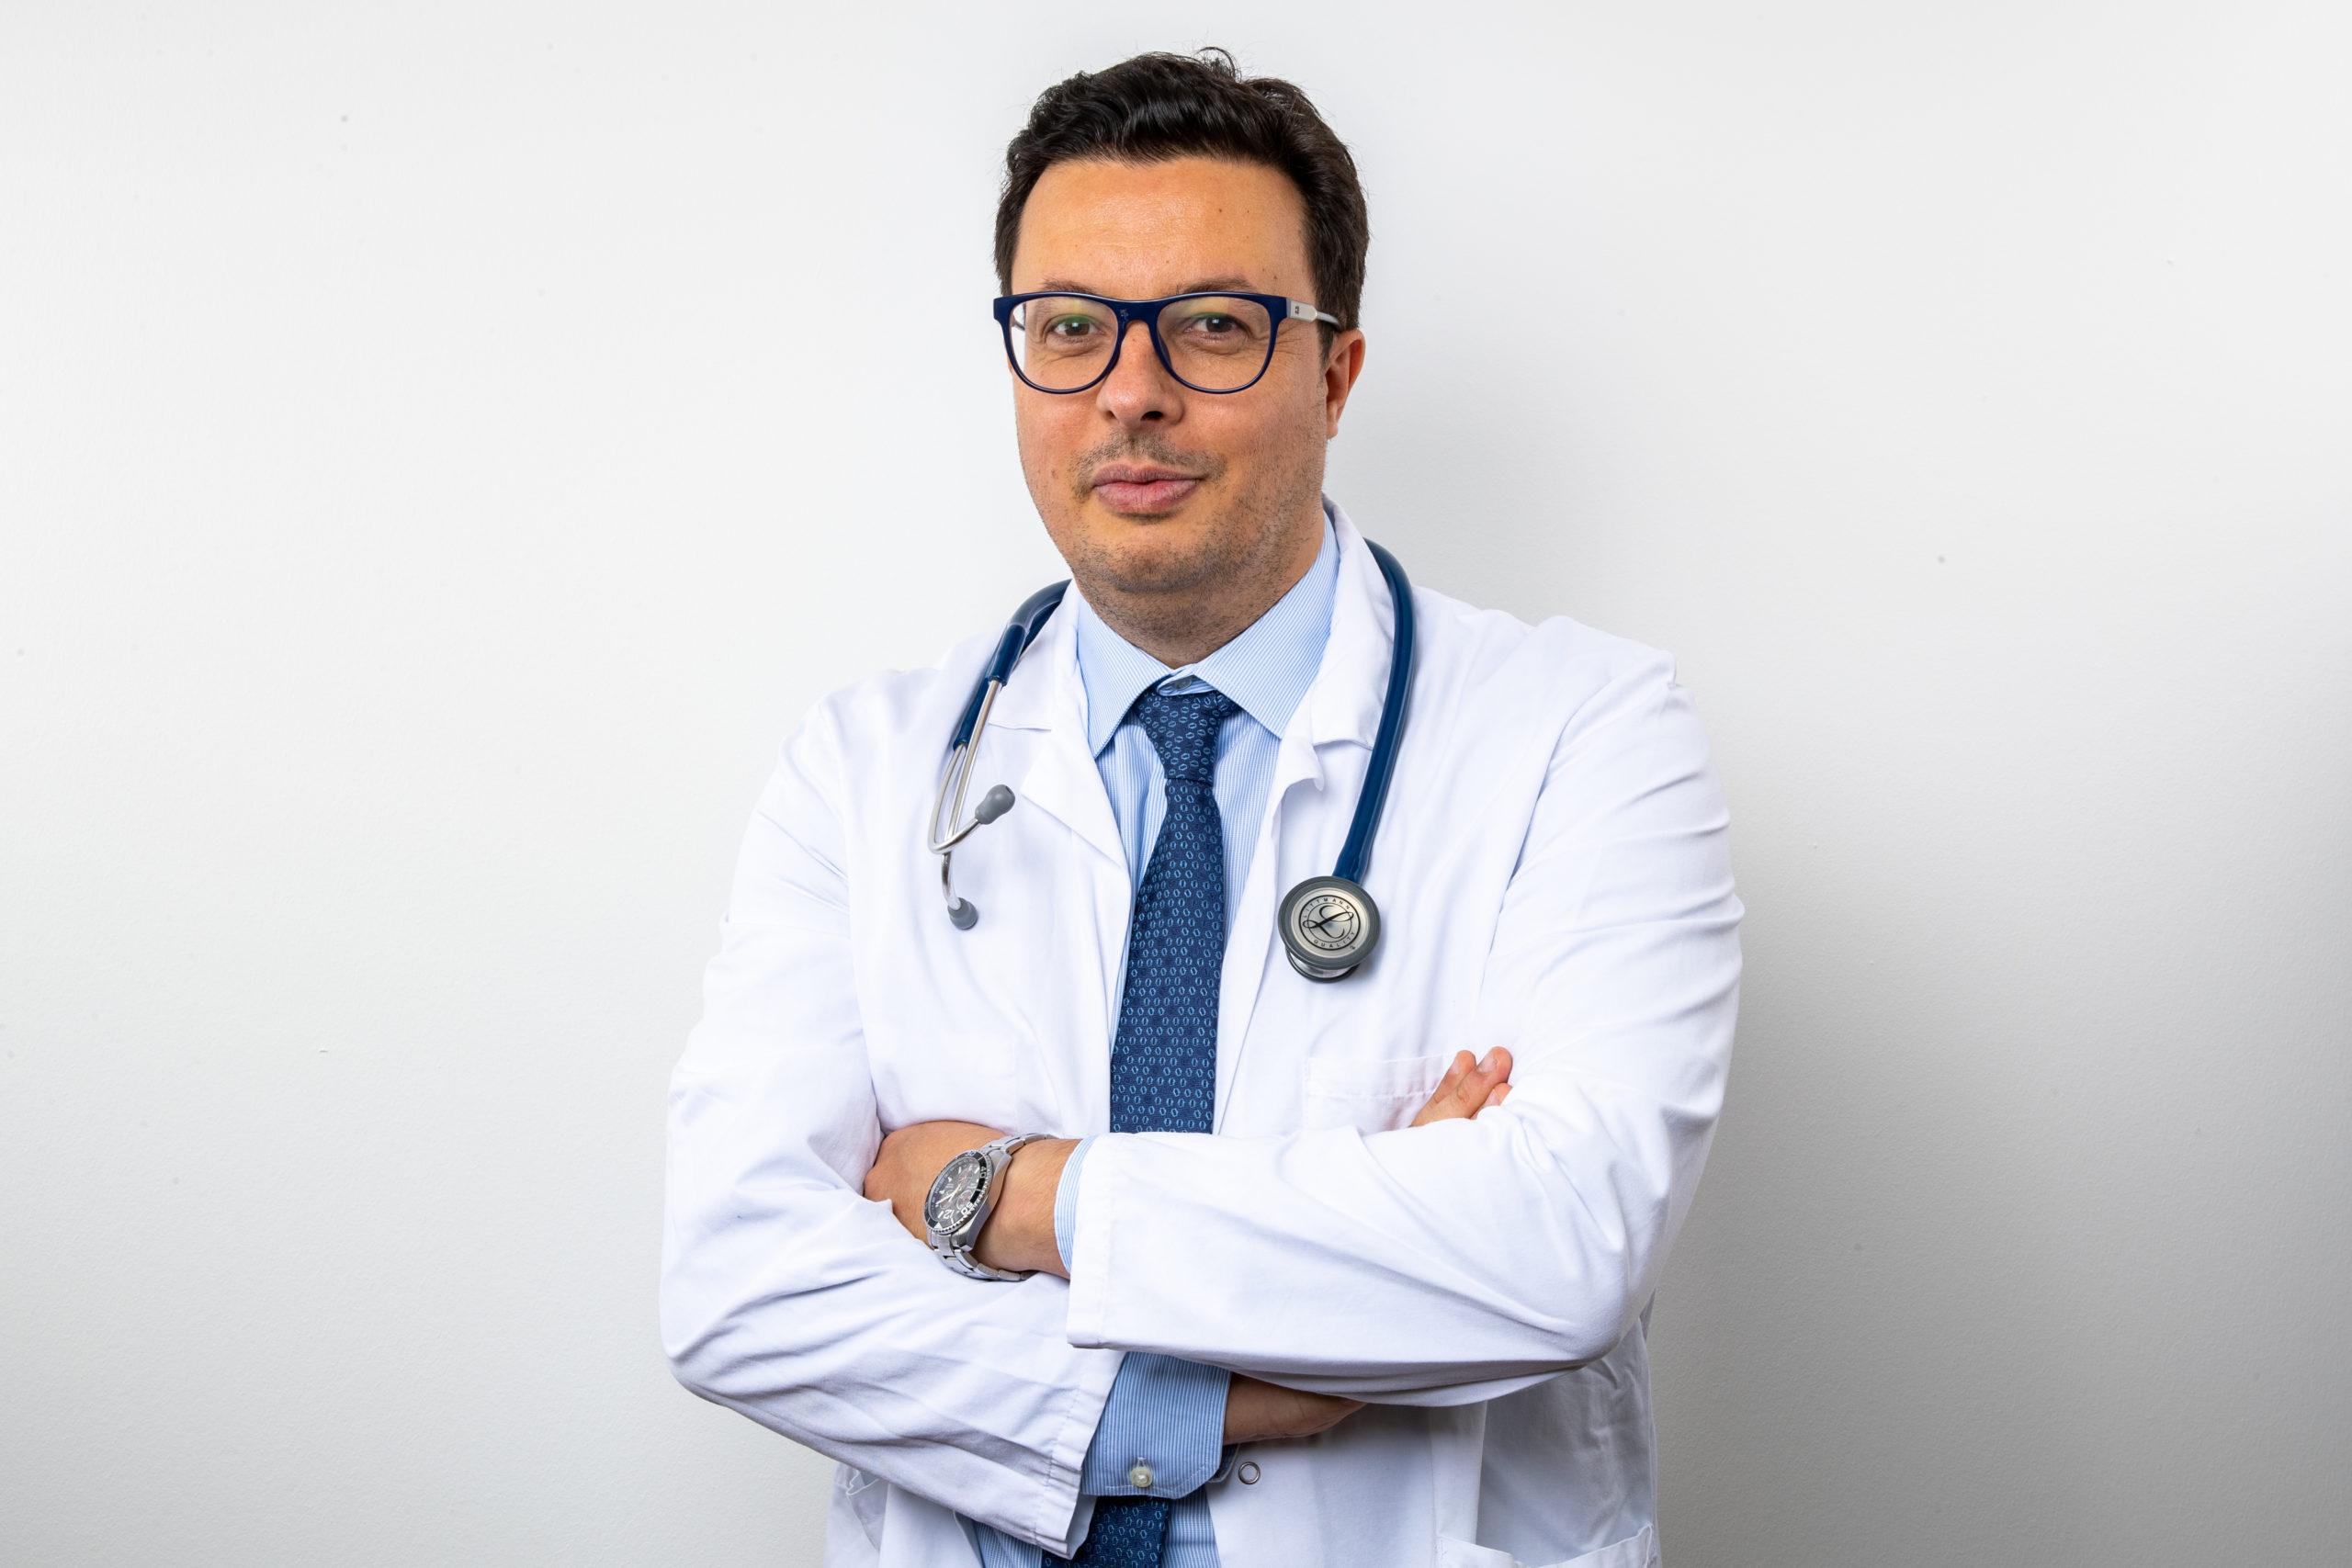 Dr. S. Lahzami, specialist in respiratory medicine at Clinique de Genolier